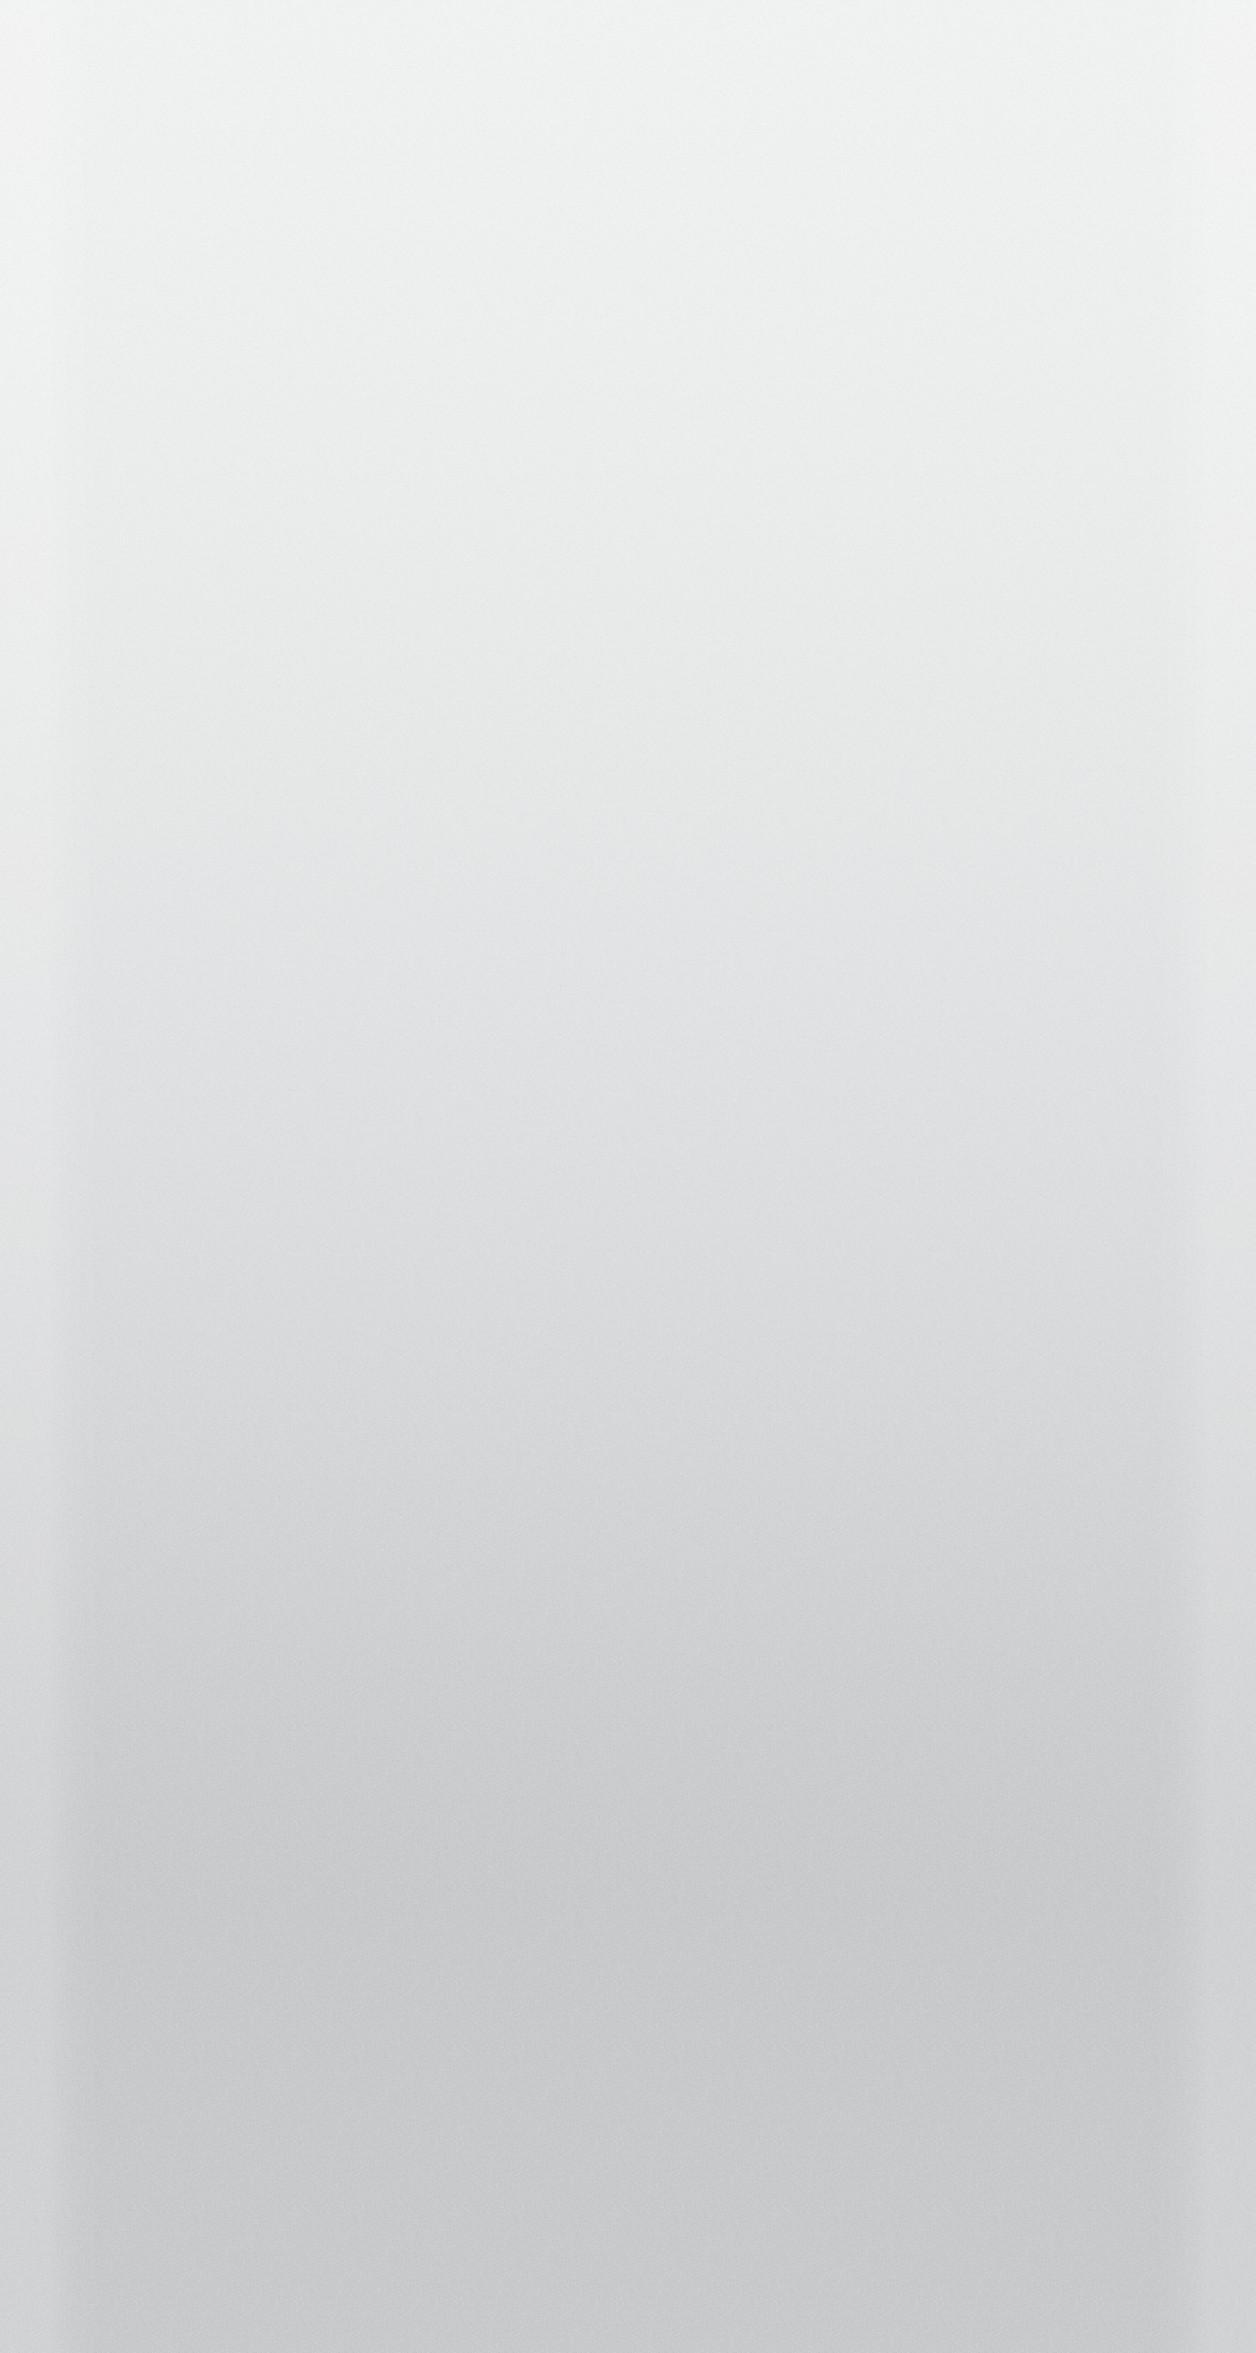 plain white background iphone 6 impremedianet